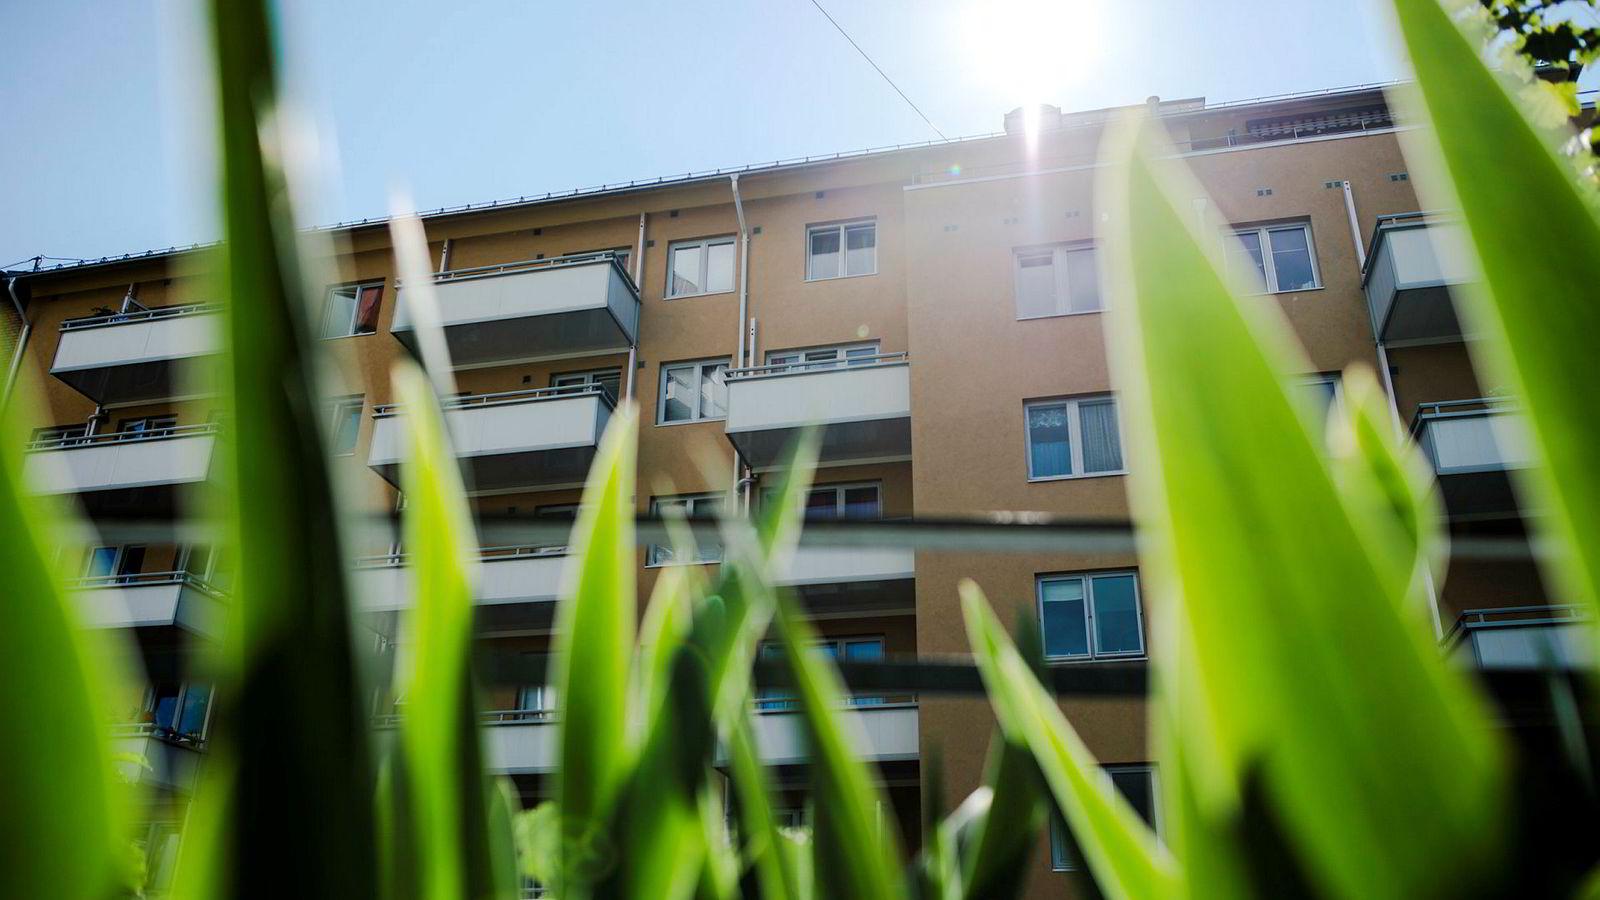 Det viktigste når du leier bolig er å ha en kontrakt. Men før du signerer, er det en del ting du burde sjekke.